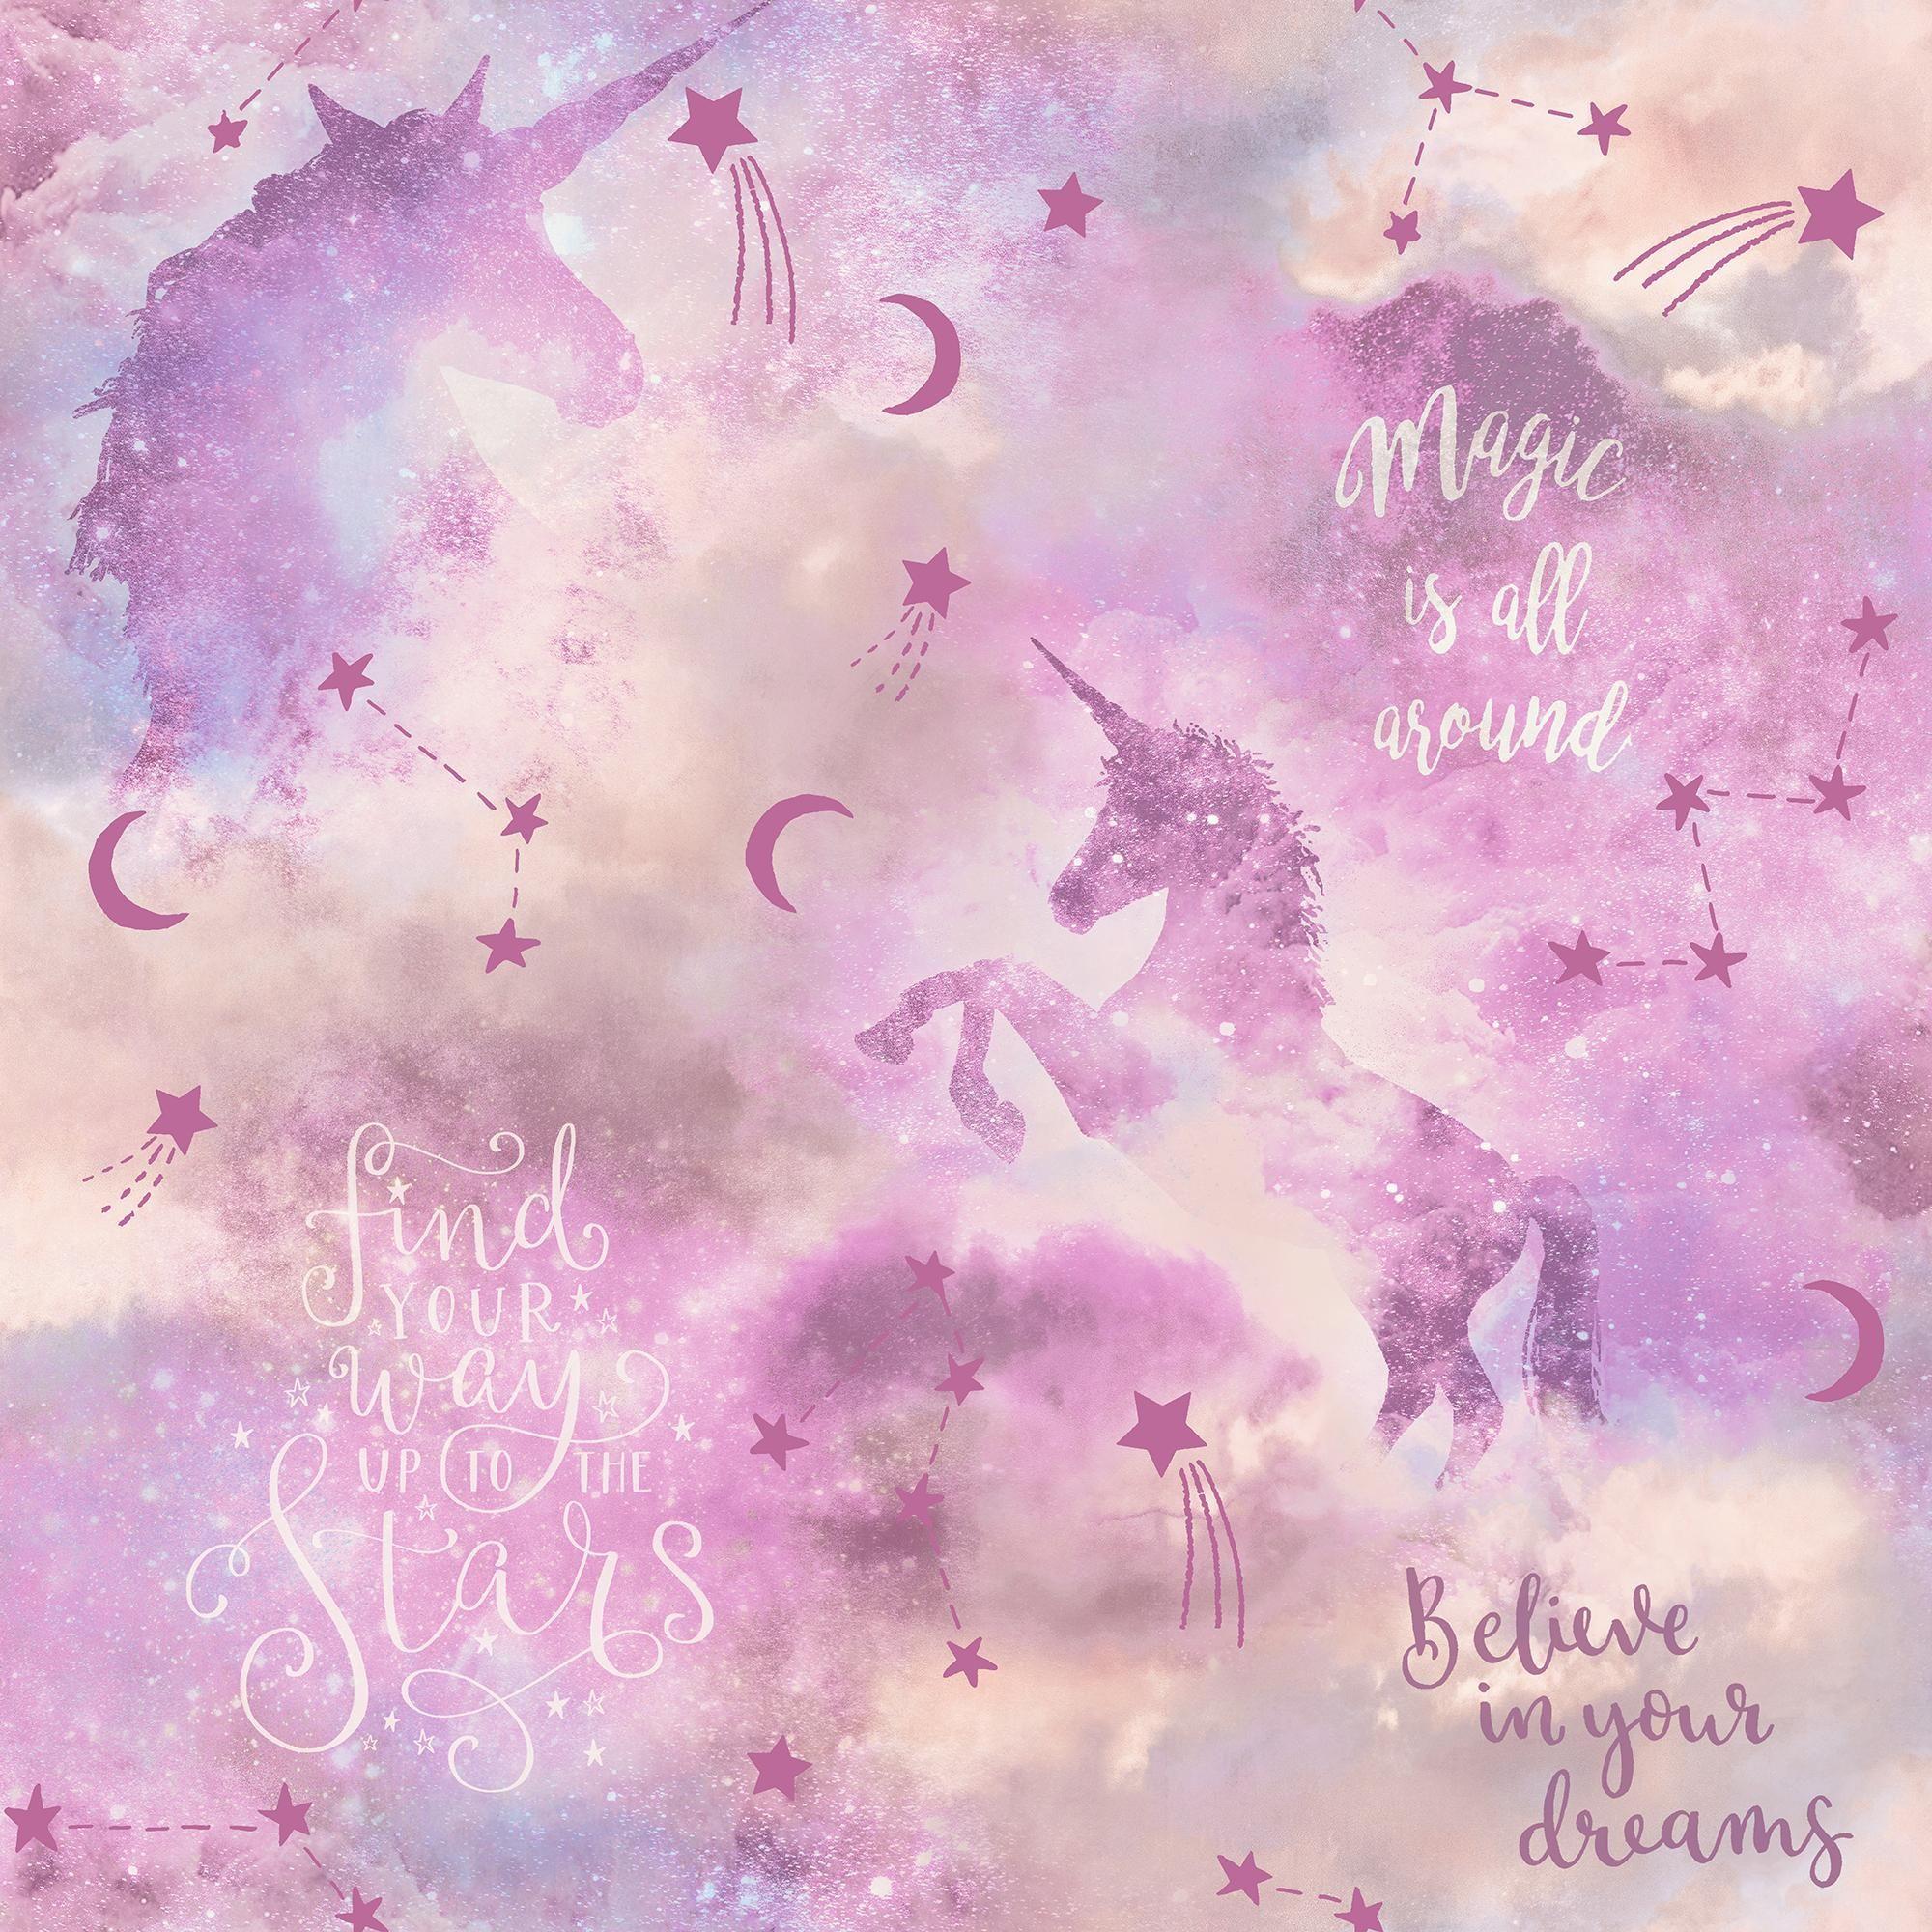 Galaxy Unicorn Blush Wallpaper Pink Unicorn Wallpaper Unicorn Wallpaper Cute Unicorn Wallpaper